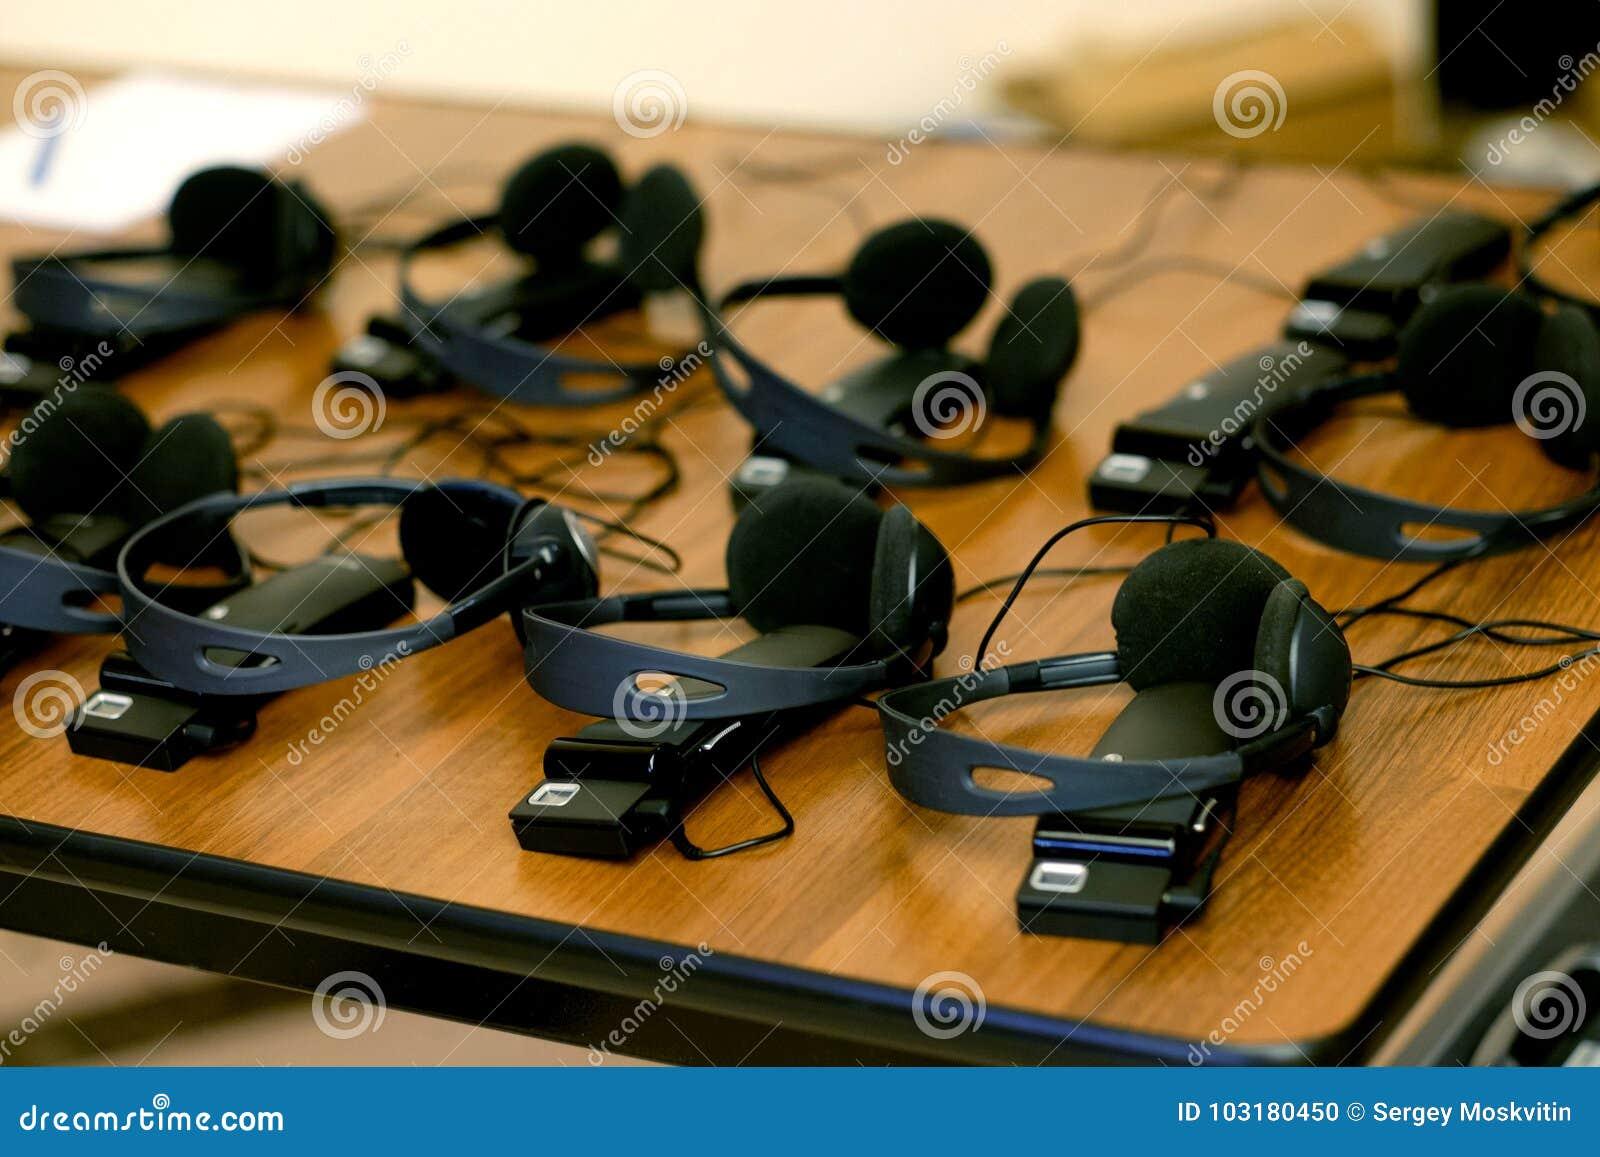 Hoofdtelefoons voor gelijktijdig vertaalmateriaal worden gebruikt dat